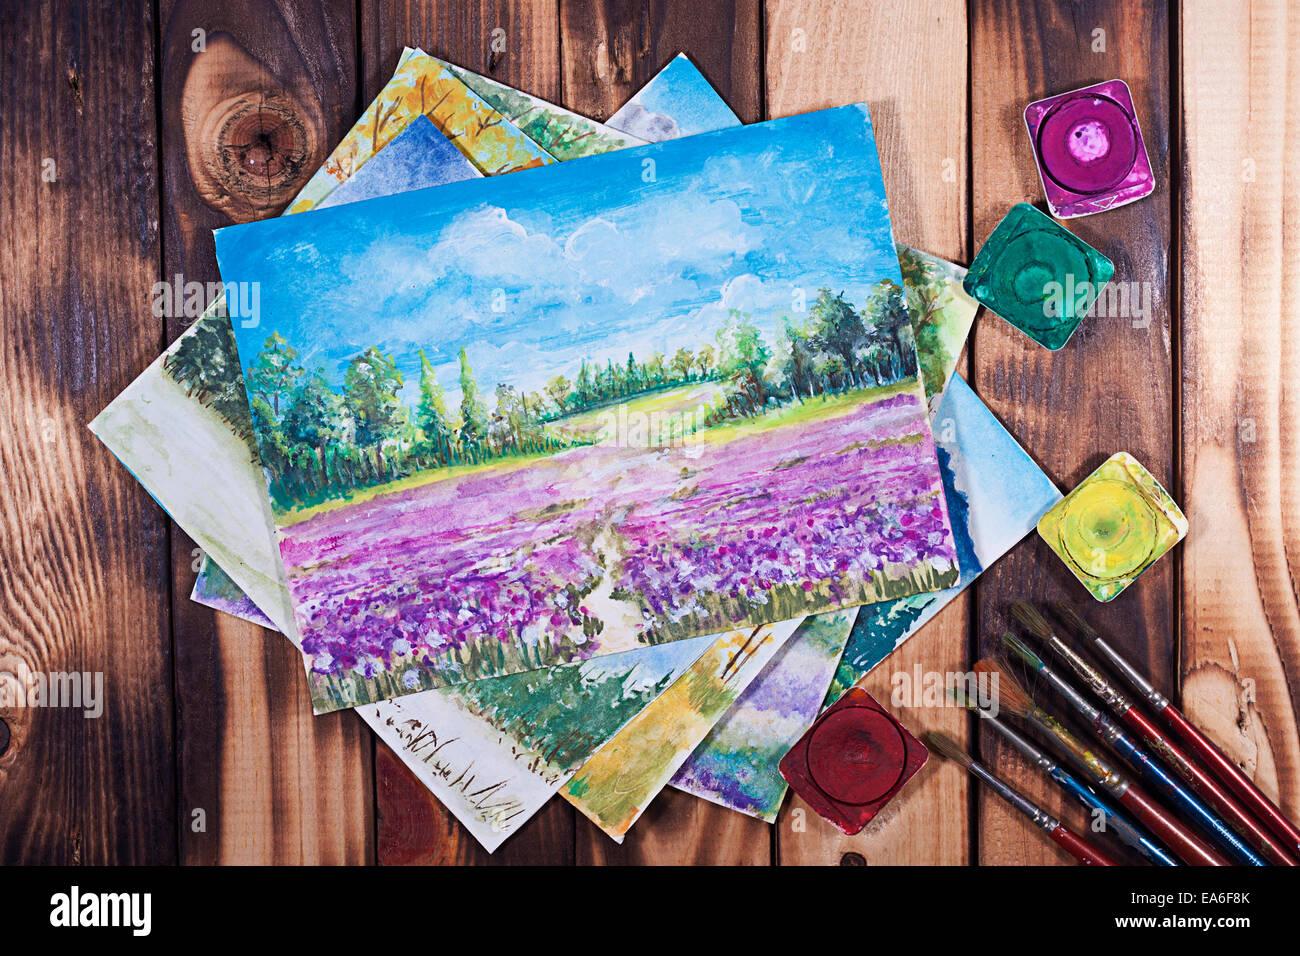 Wasserfarben und Pinsel Stockfoto